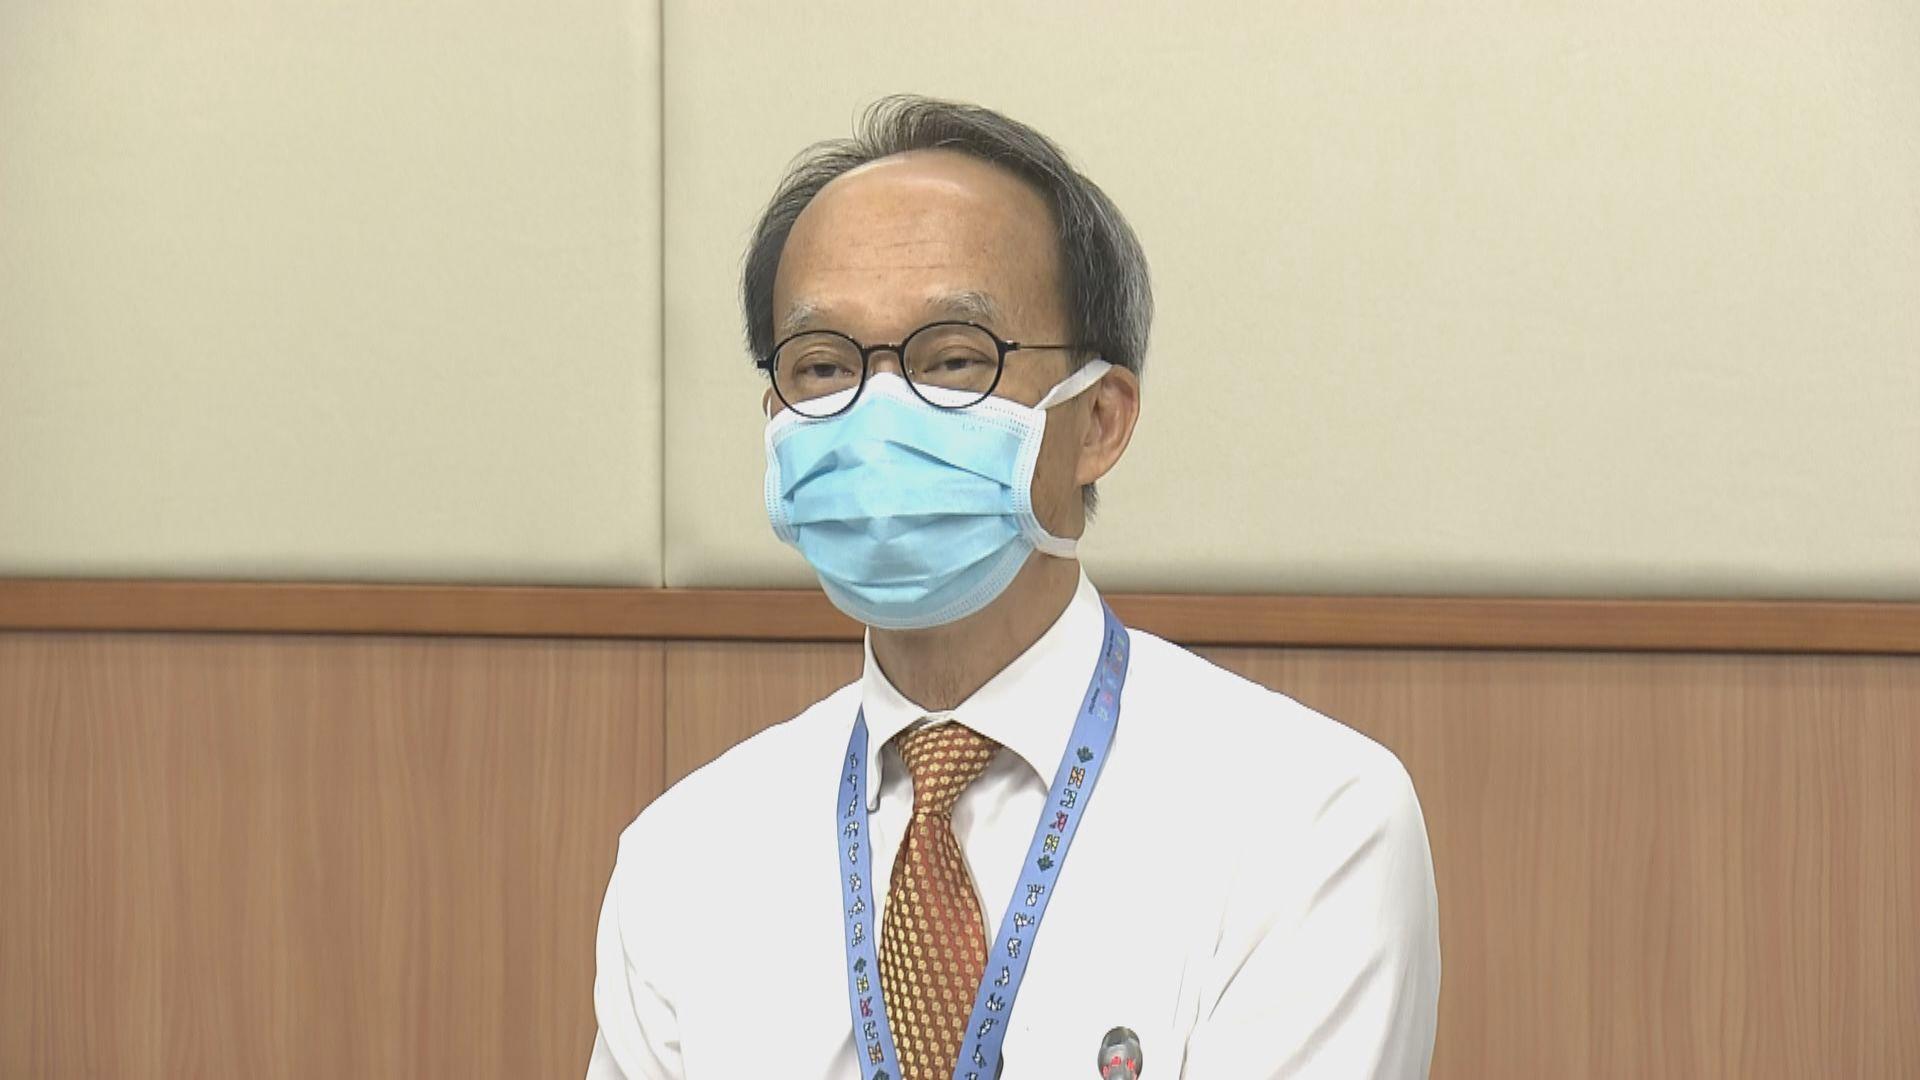 劉宇隆:校內學生接種率達七至八成就有條件全面復課